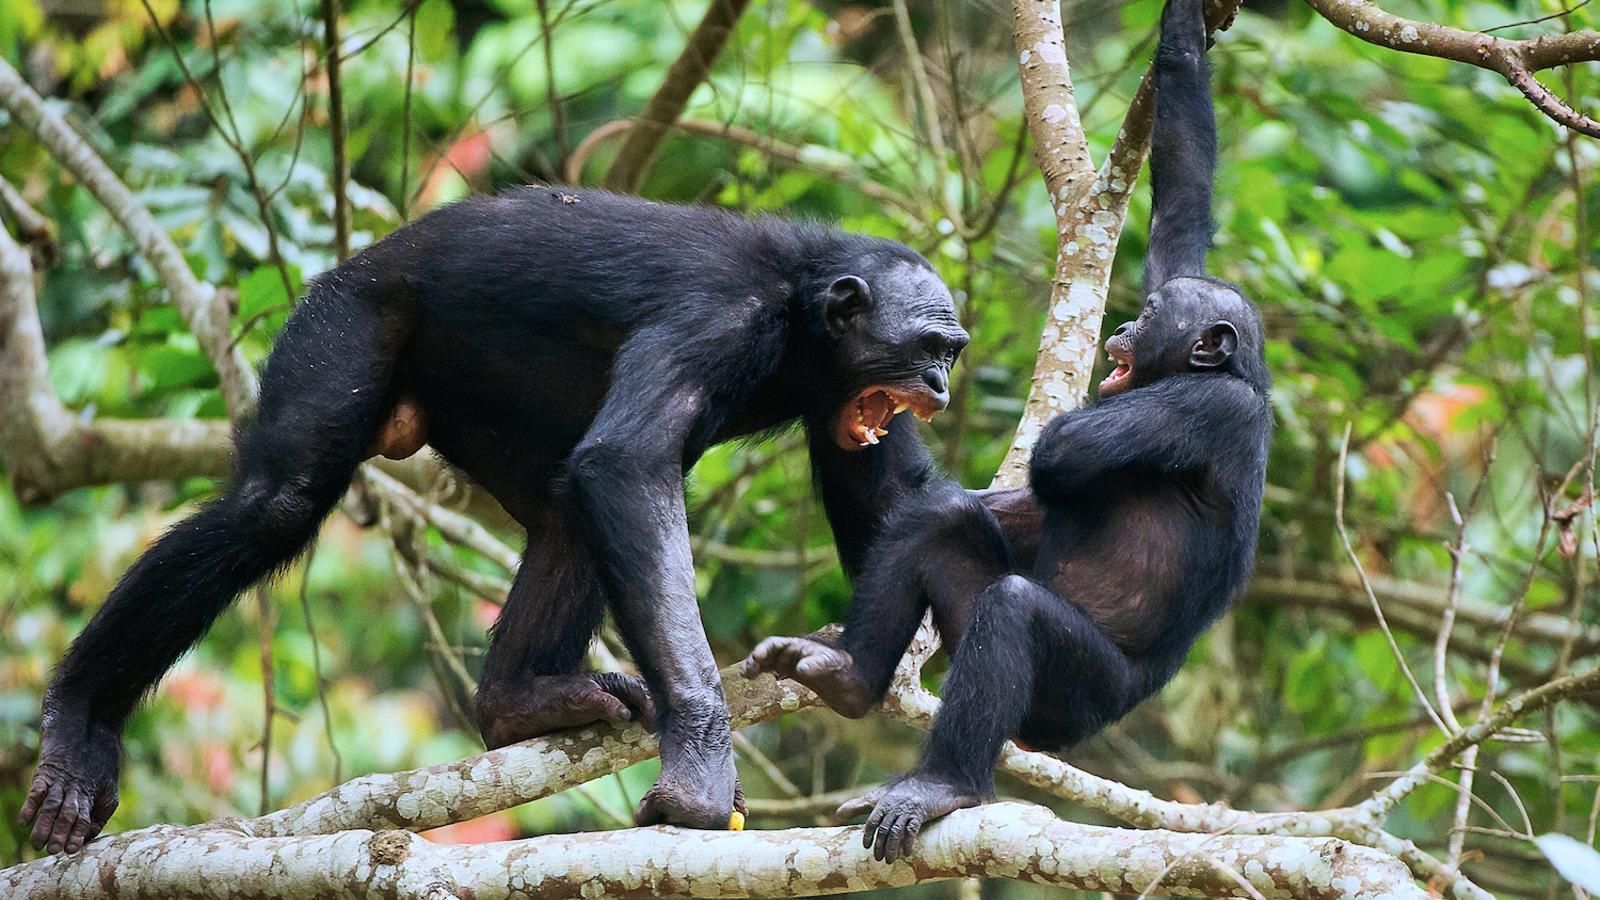 Els ximpanzés són, després de l'home, els animals més violents del planeta. Però només maten per protegir el seu territori